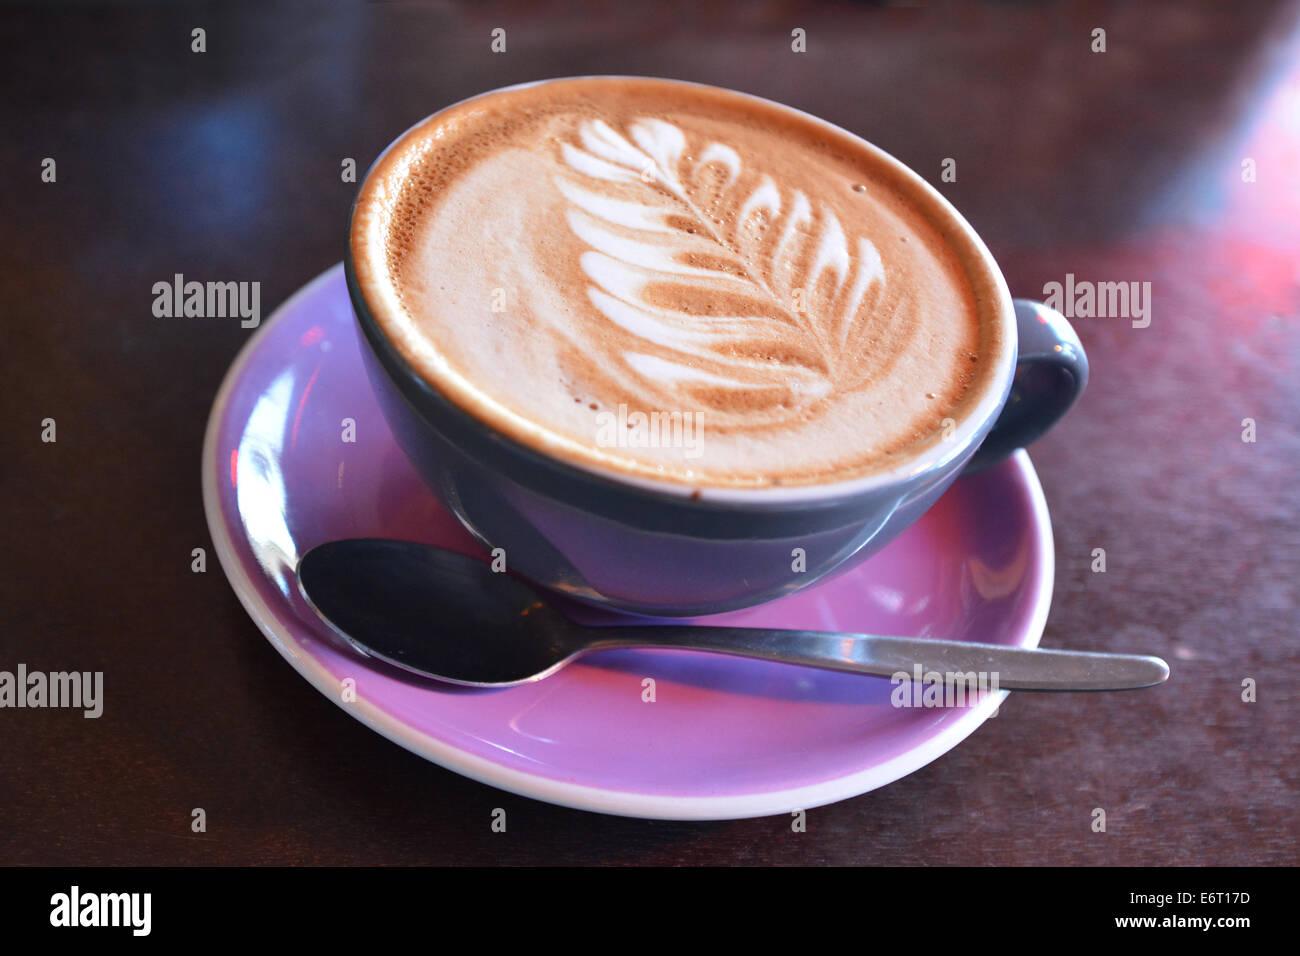 Piatto bianco caffè decorato con la Nuova Zelanda il simbolo iconico Il Silver Fern su di esso. Spazio di copia Immagini Stock